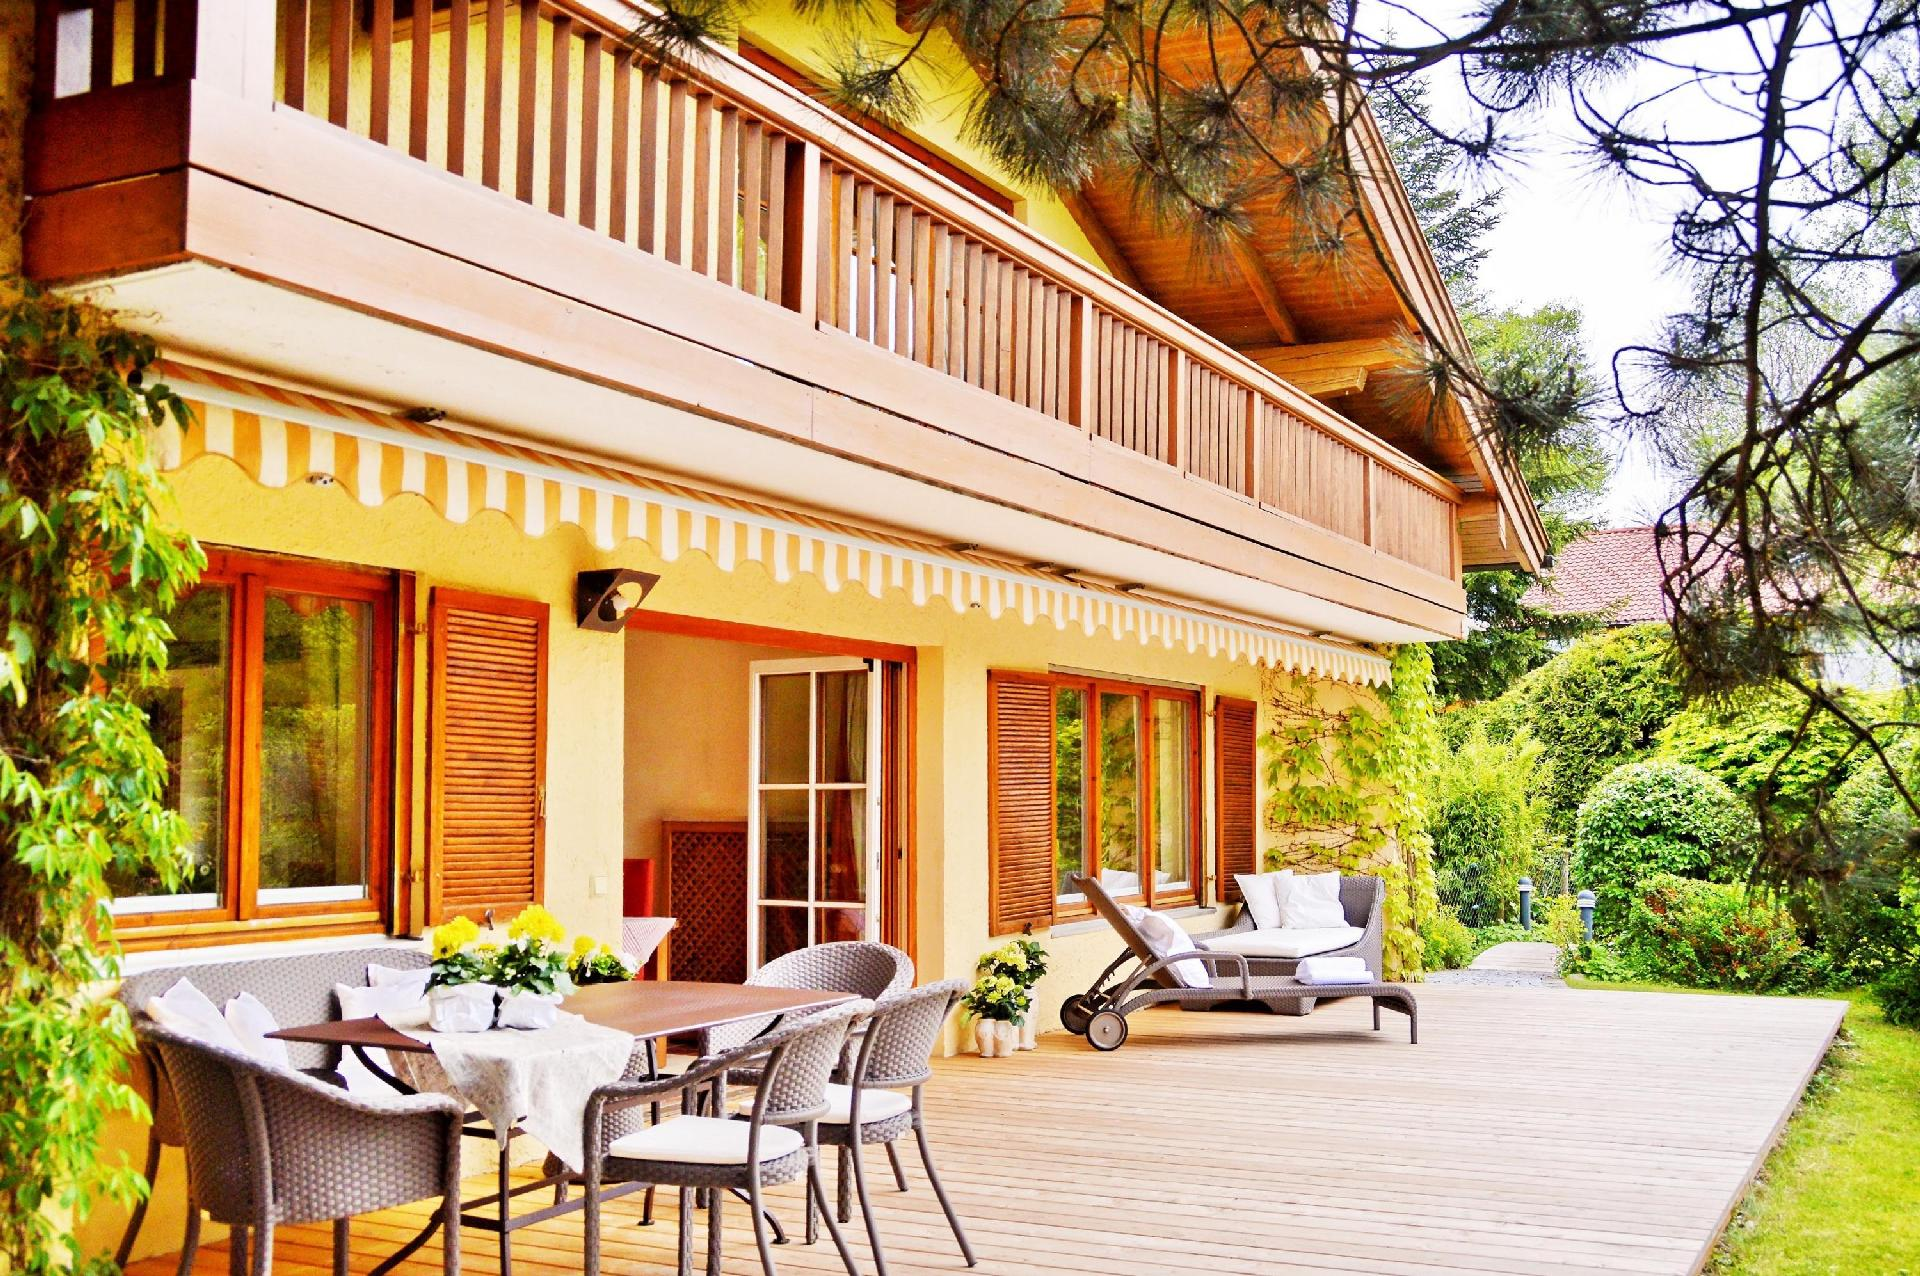 ferienhaus f r 6 personen in breitbrunn am chiemsee. Black Bedroom Furniture Sets. Home Design Ideas